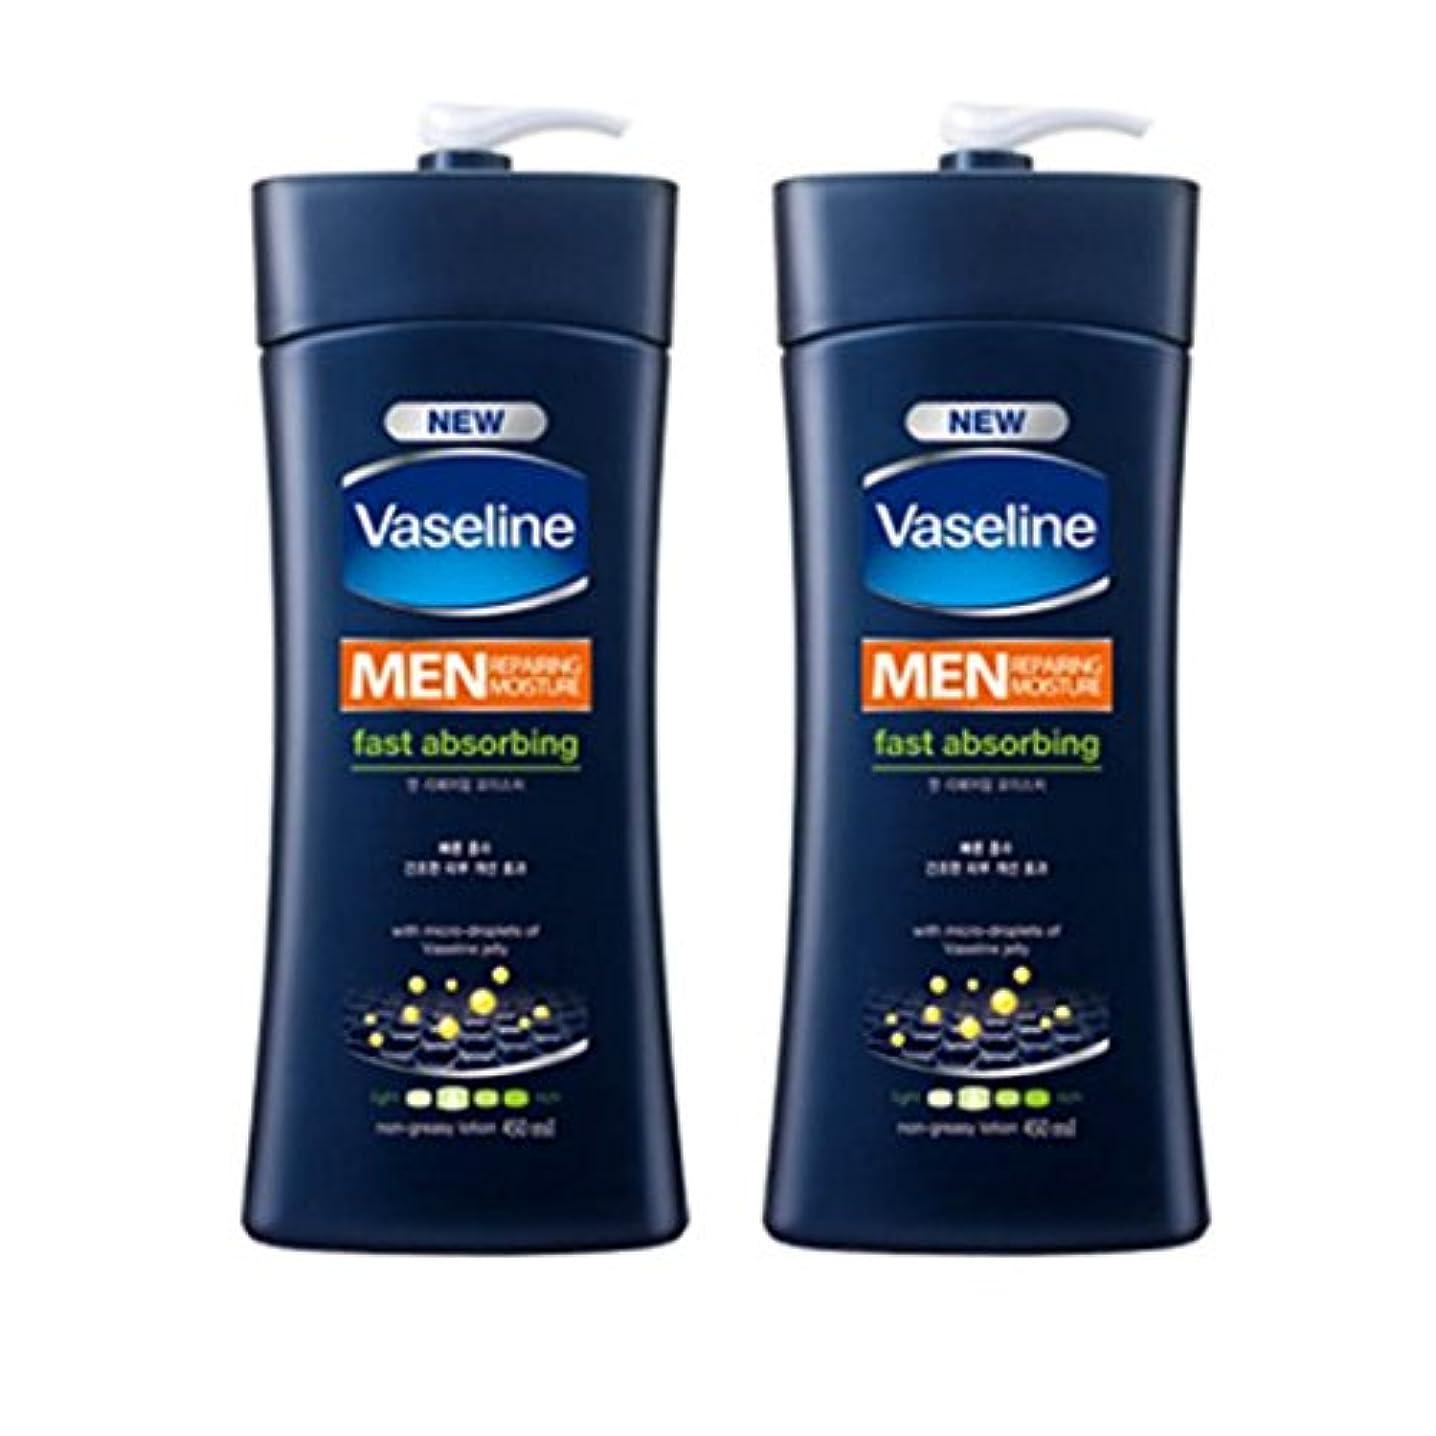 ハーネスウォルターカニンガム許さないヴァセリン メンズ リペアリング モイスチャーローション(Vaseline Man Repairing Moisture Lotion) 450ml X 2個 [並行輸入品]